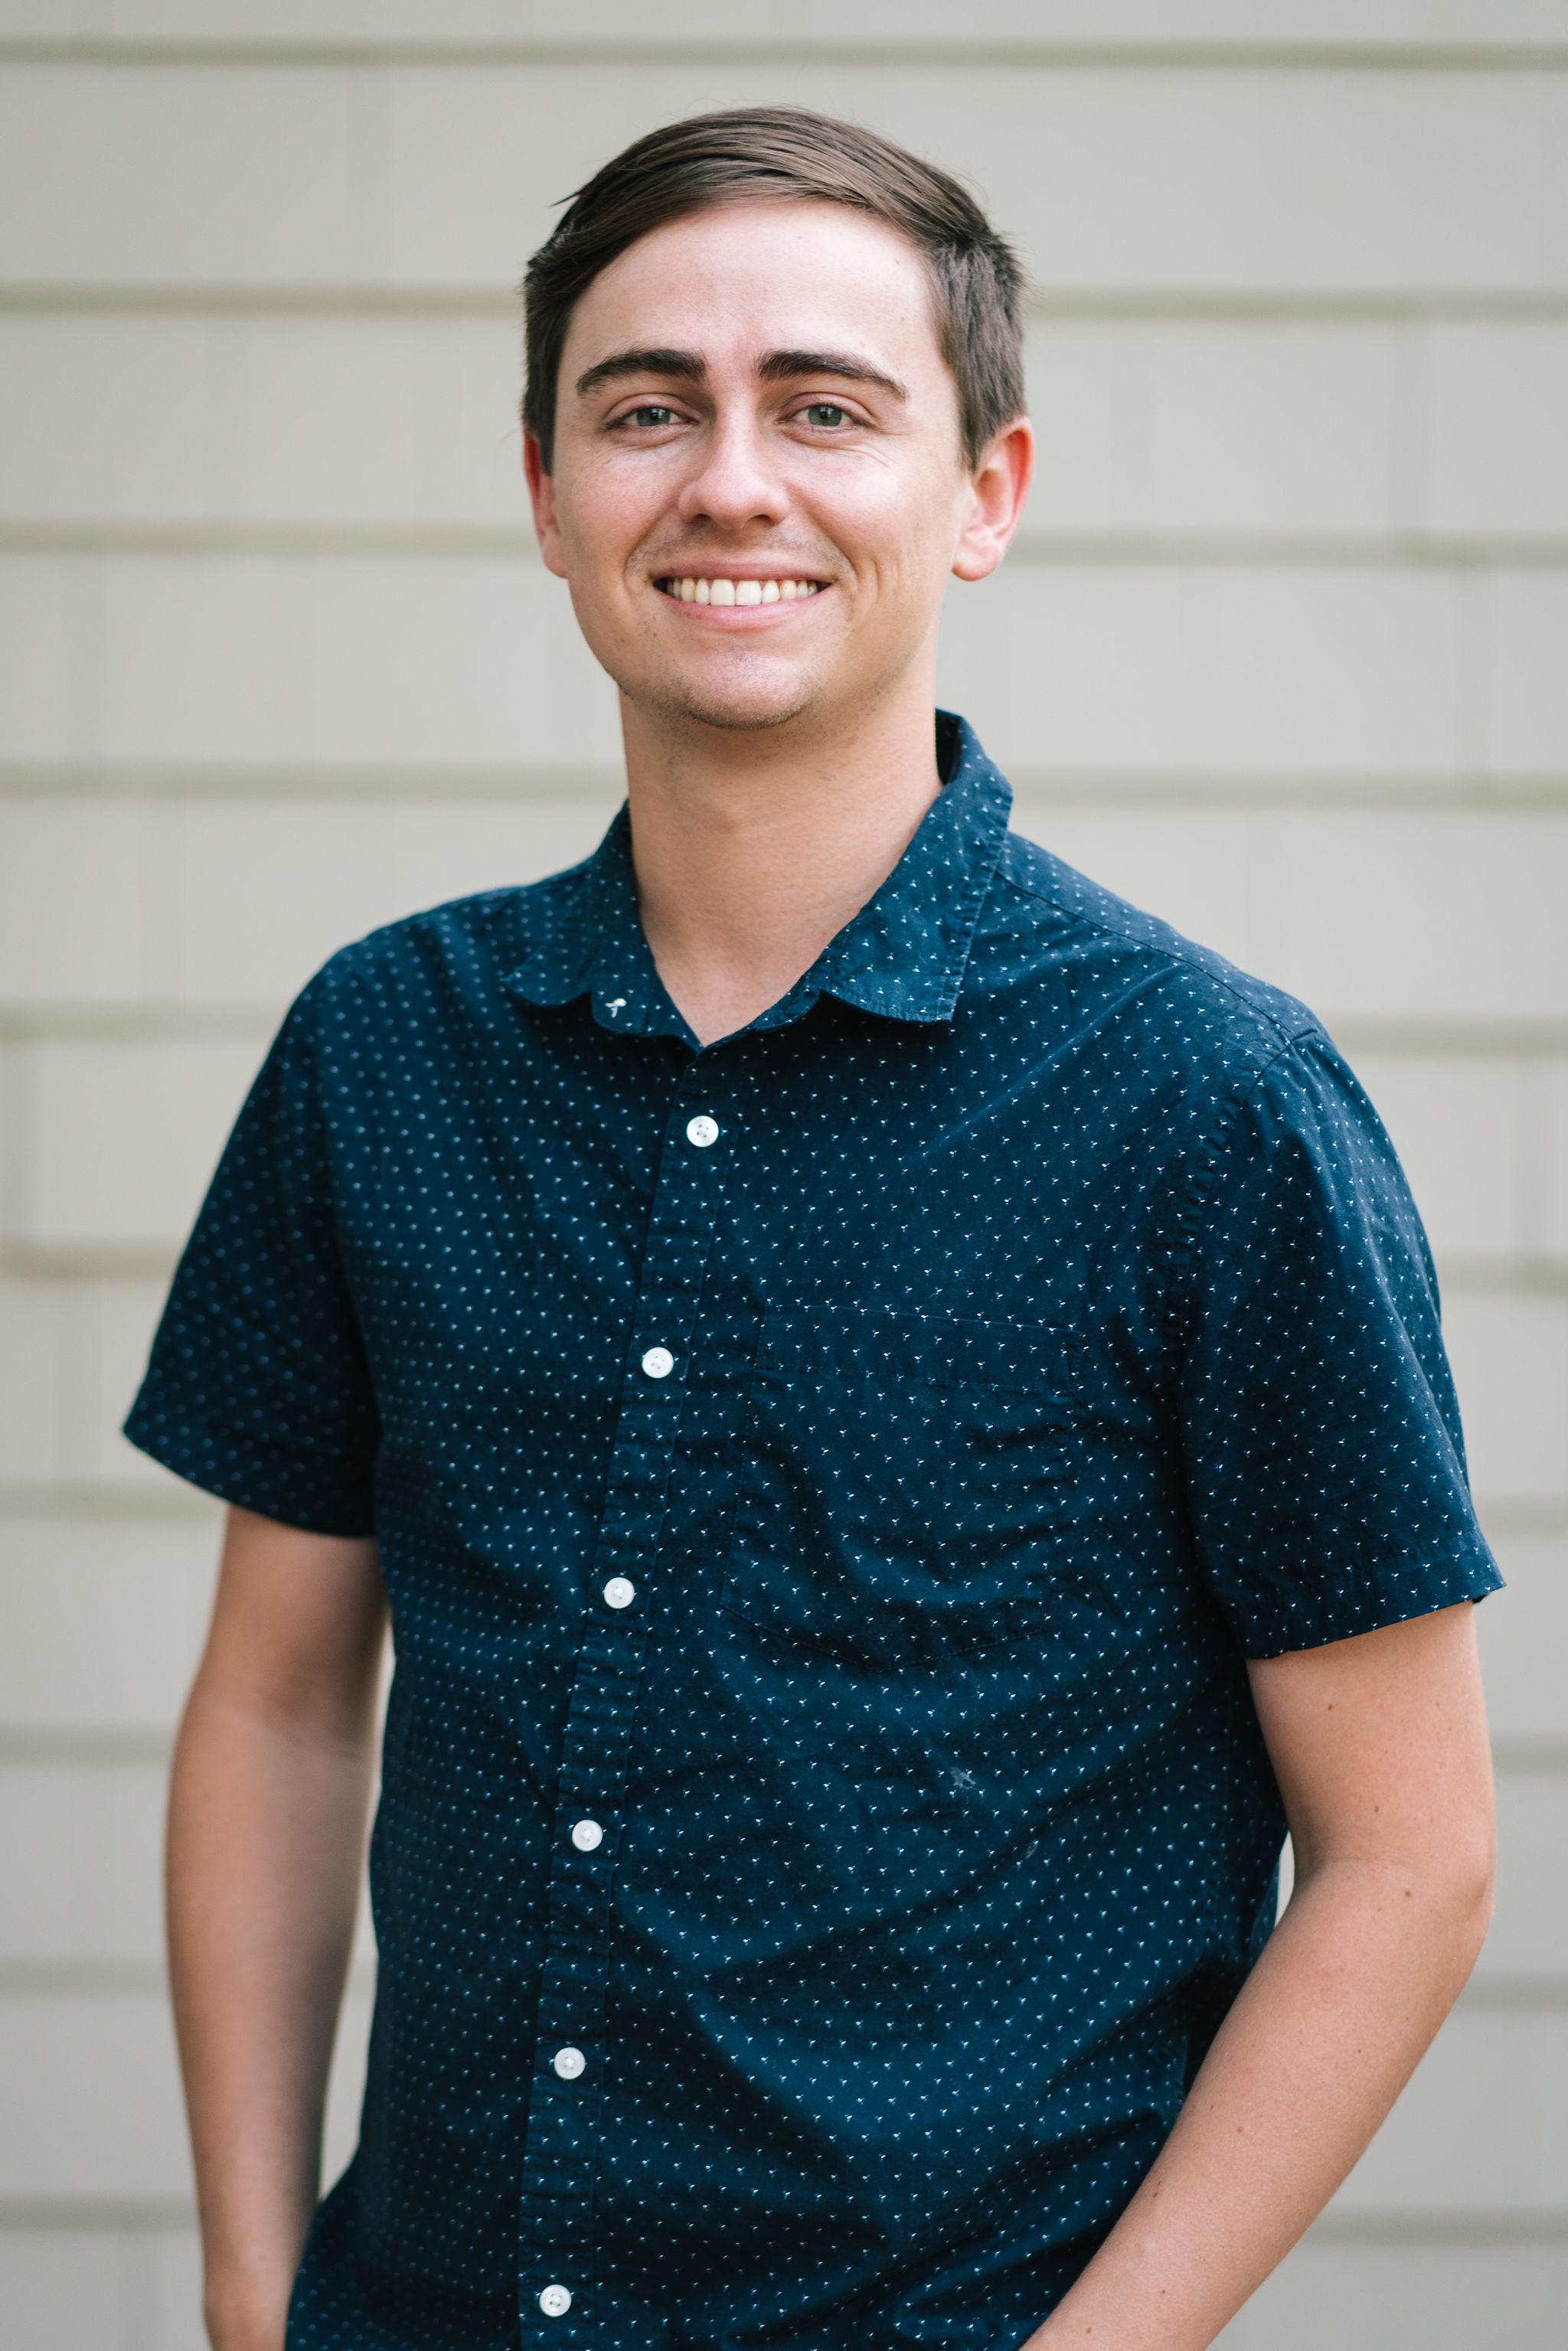 Connelly Rader, Marketing Specialist